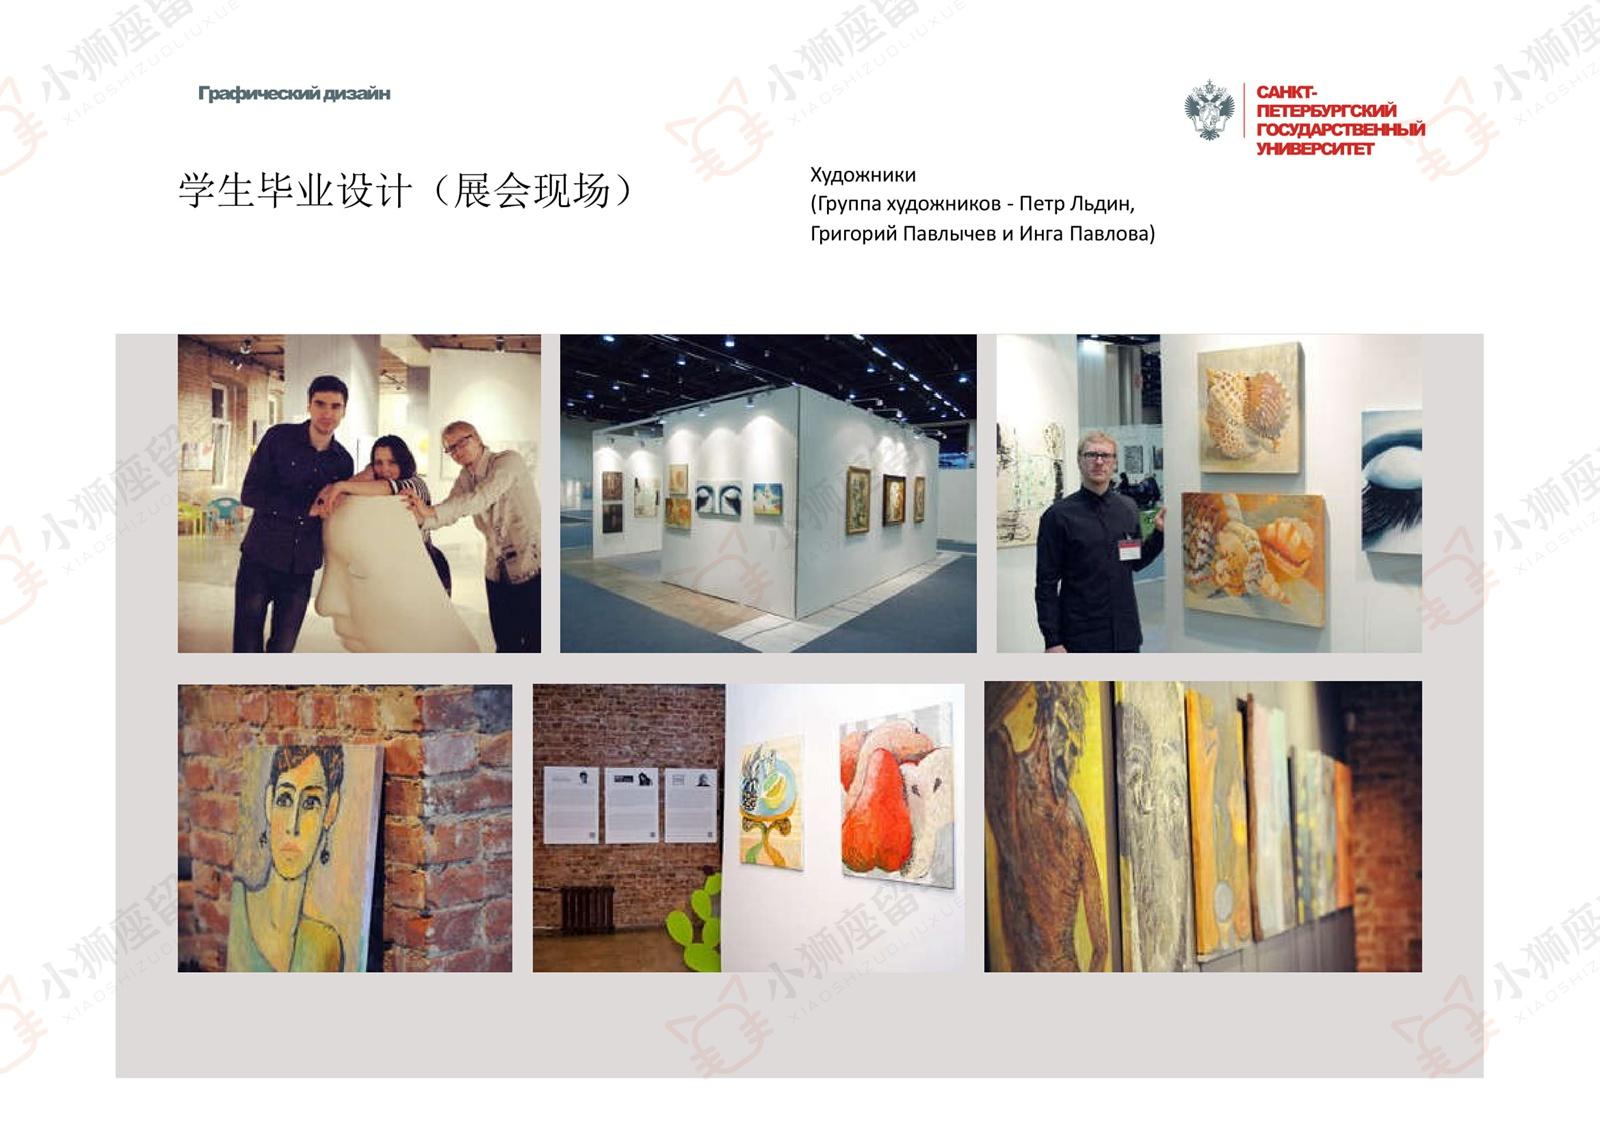 圣彼得堡国立大学《平面设计》硕士研究生方向介绍!插图31-小狮座俄罗斯留学